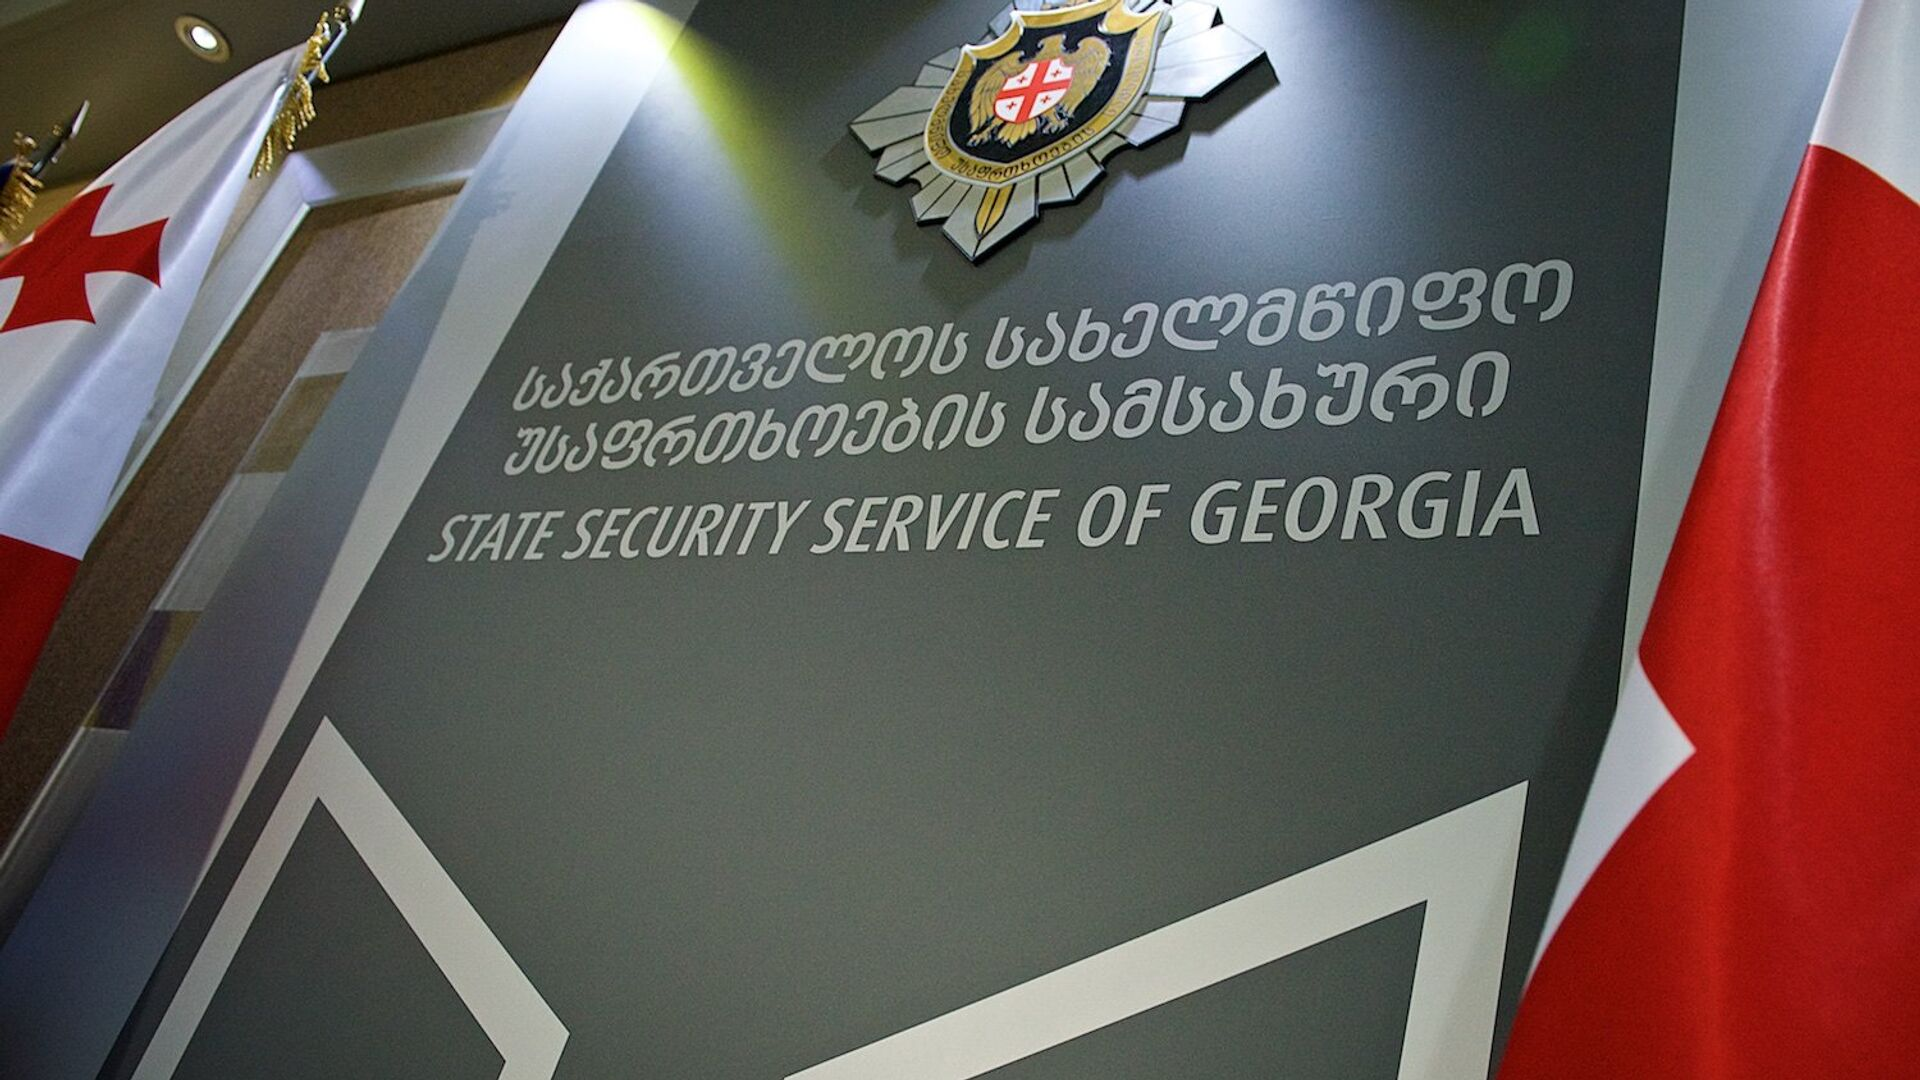 სახელმწიფო უსაფრთხოების სამსახური - Sputnik საქართველო, 1920, 25.08.2021